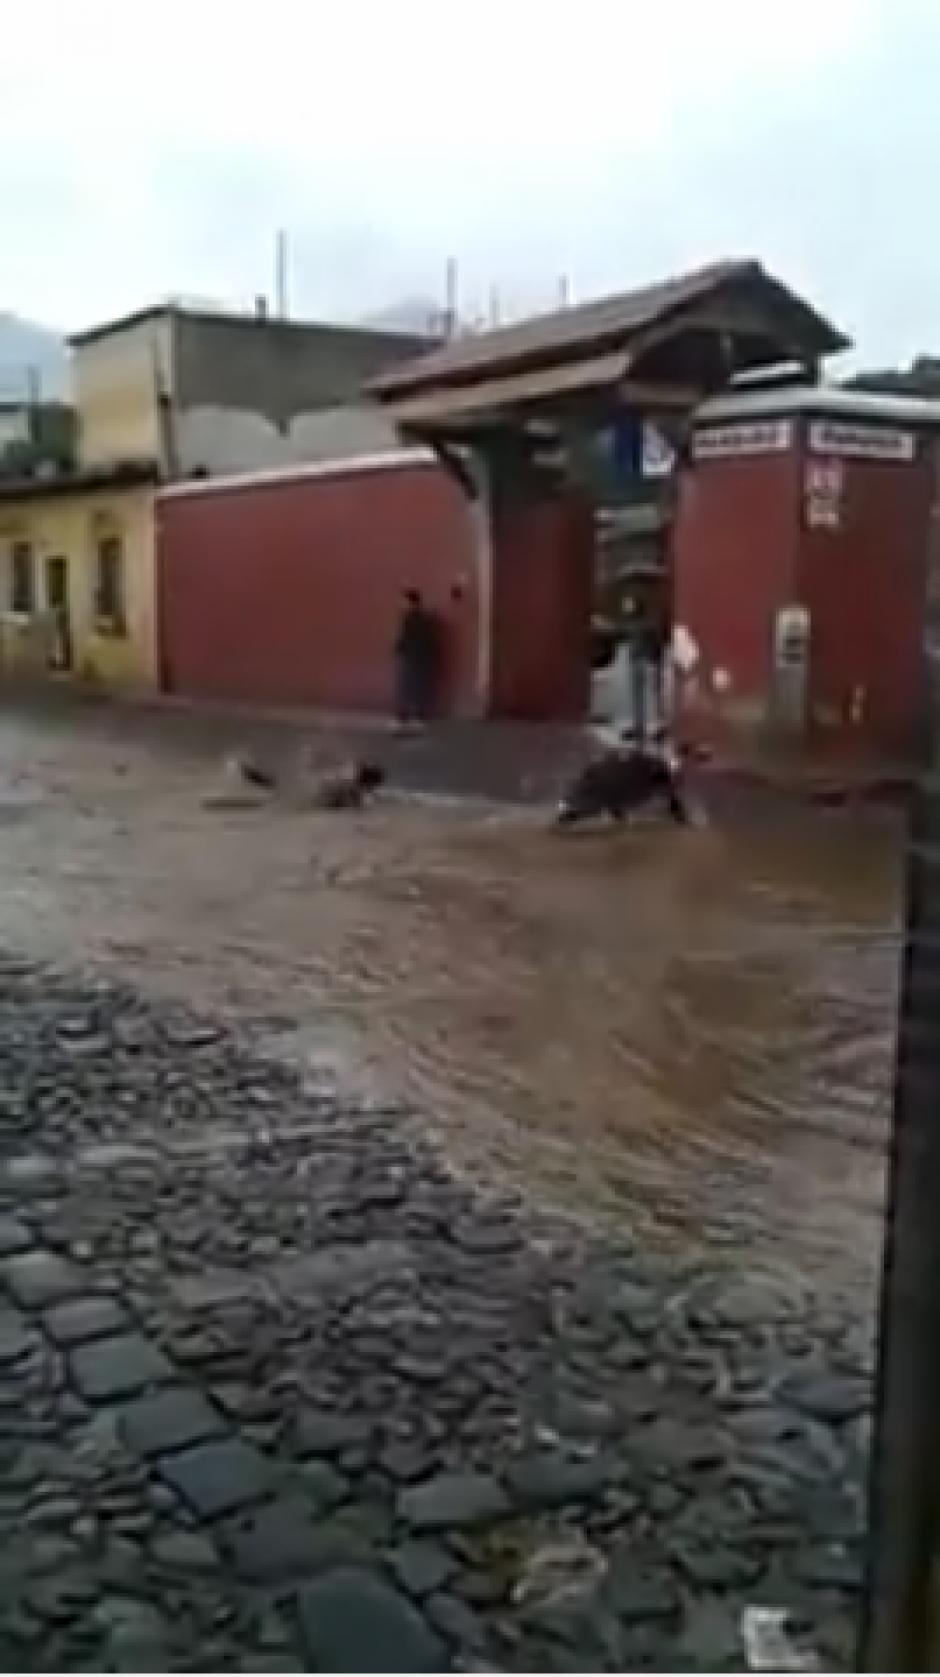 Uno de los individuos parece disfrutar del refrescante chapuzón bajo la lluvia. (Foto: Captura Youtube)